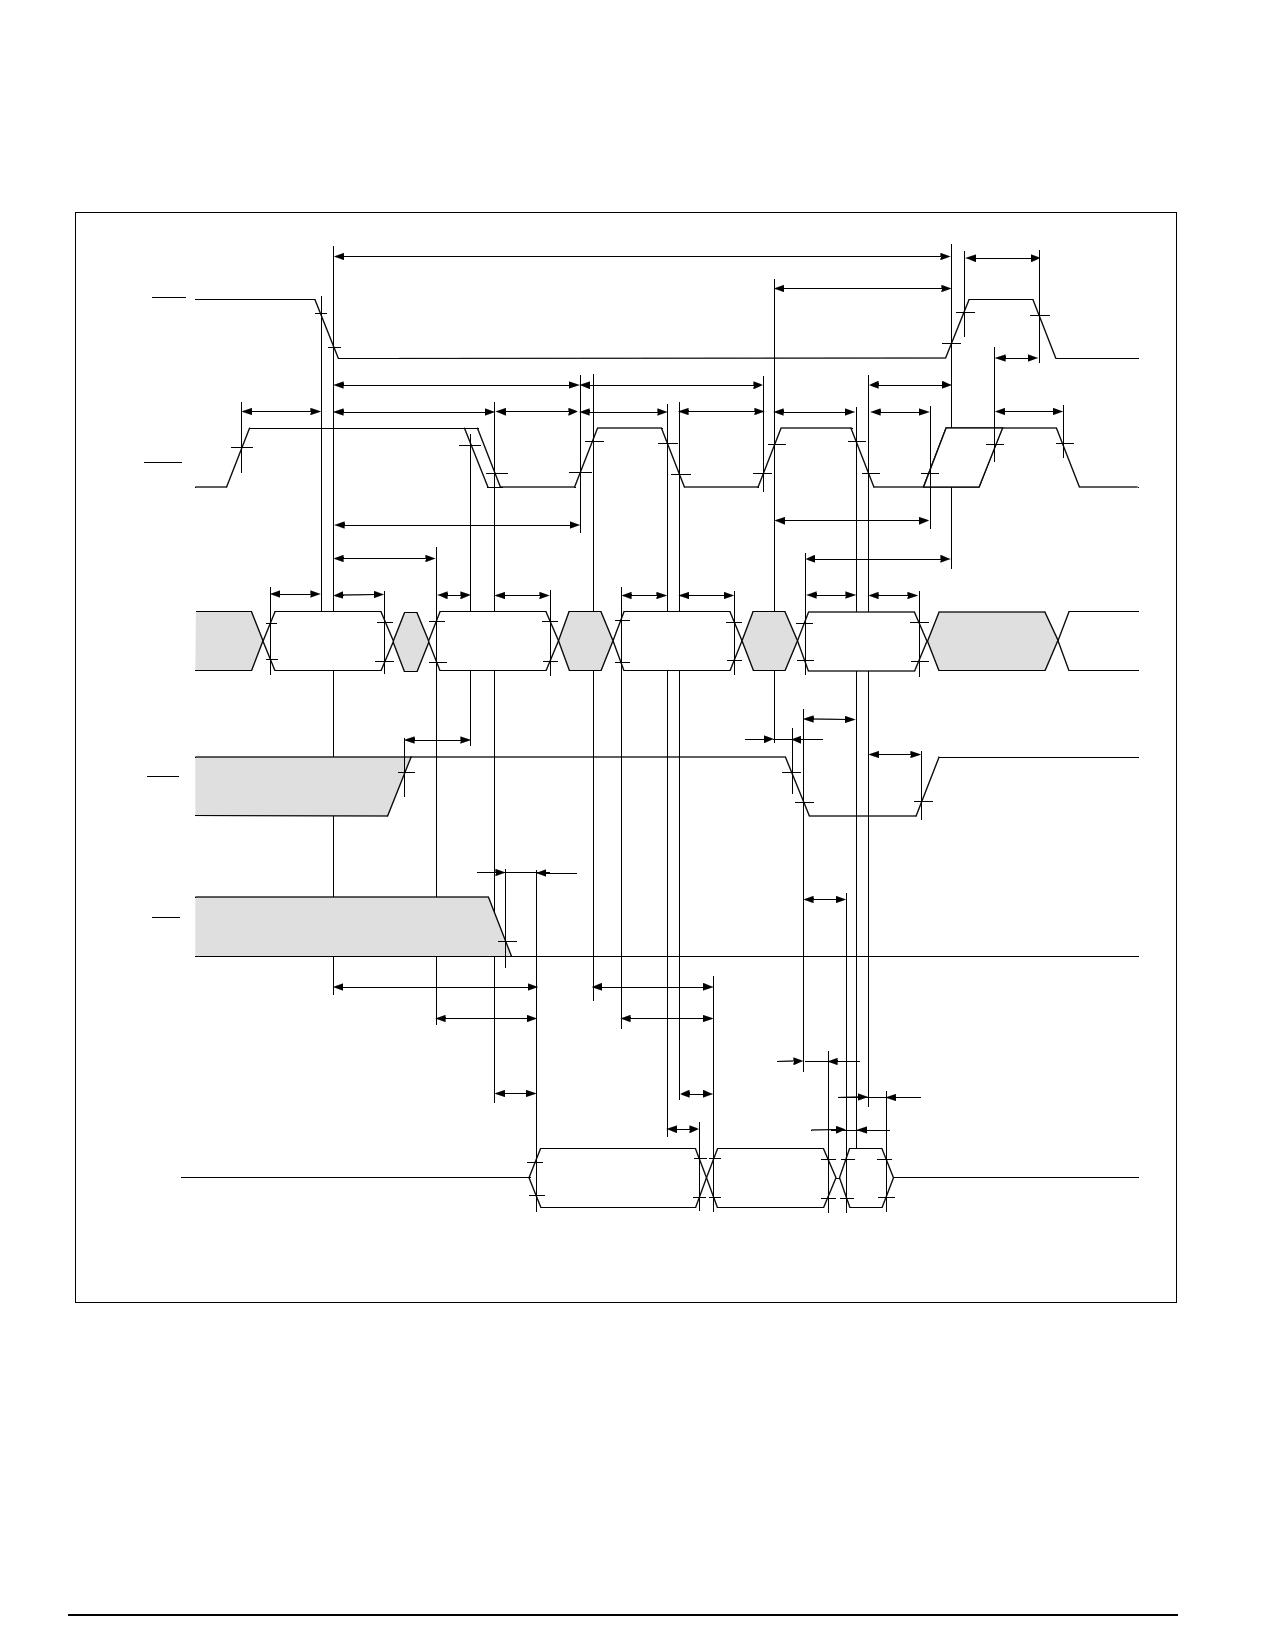 AD401M84VSA-5 transistor, igbt